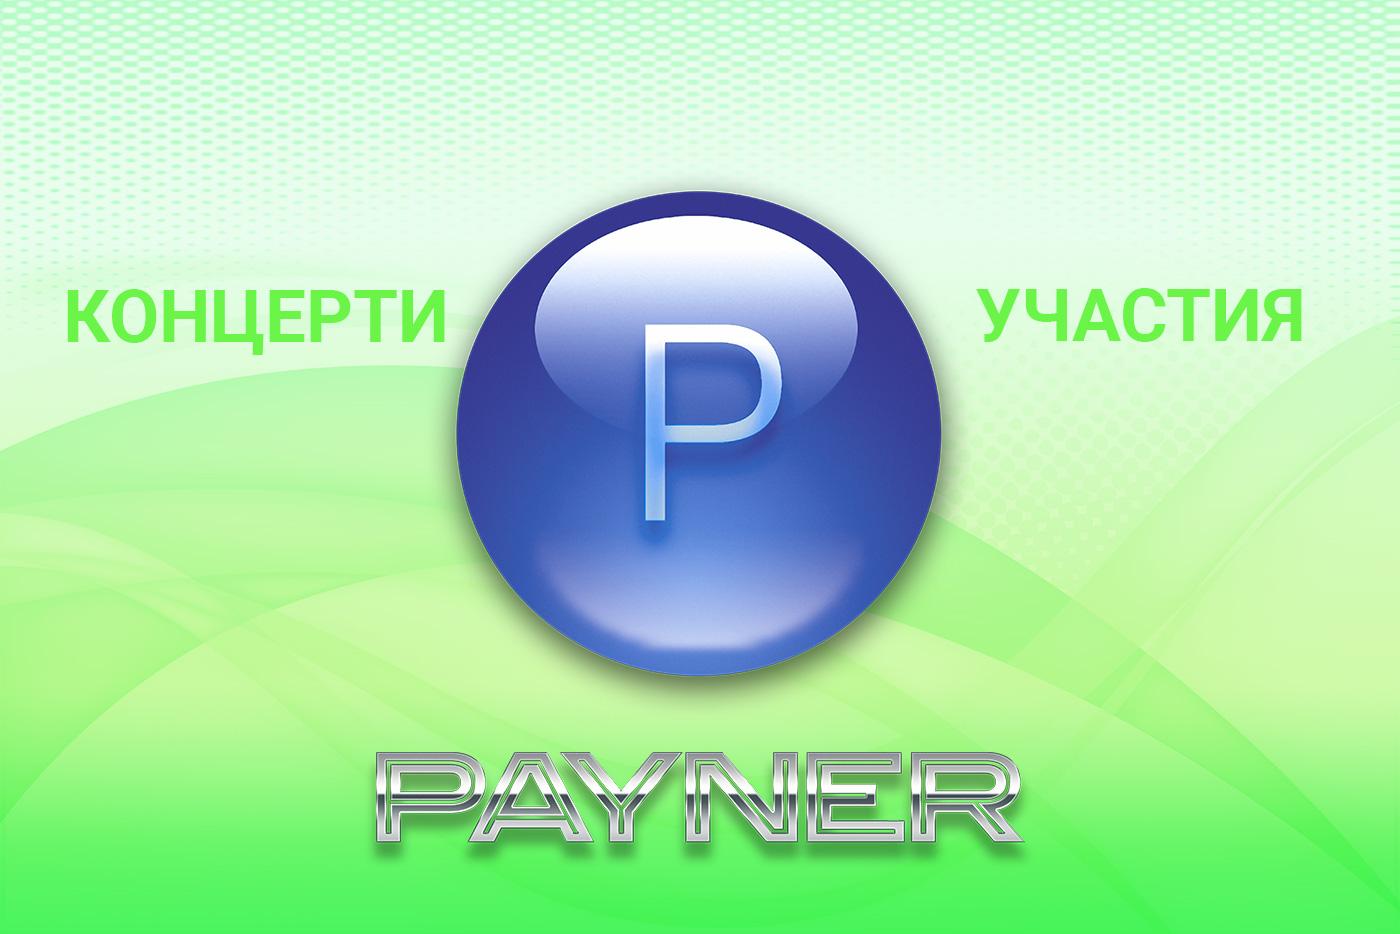 """Участия на звездите на """"Пайнер"""" на 13.12.2018"""